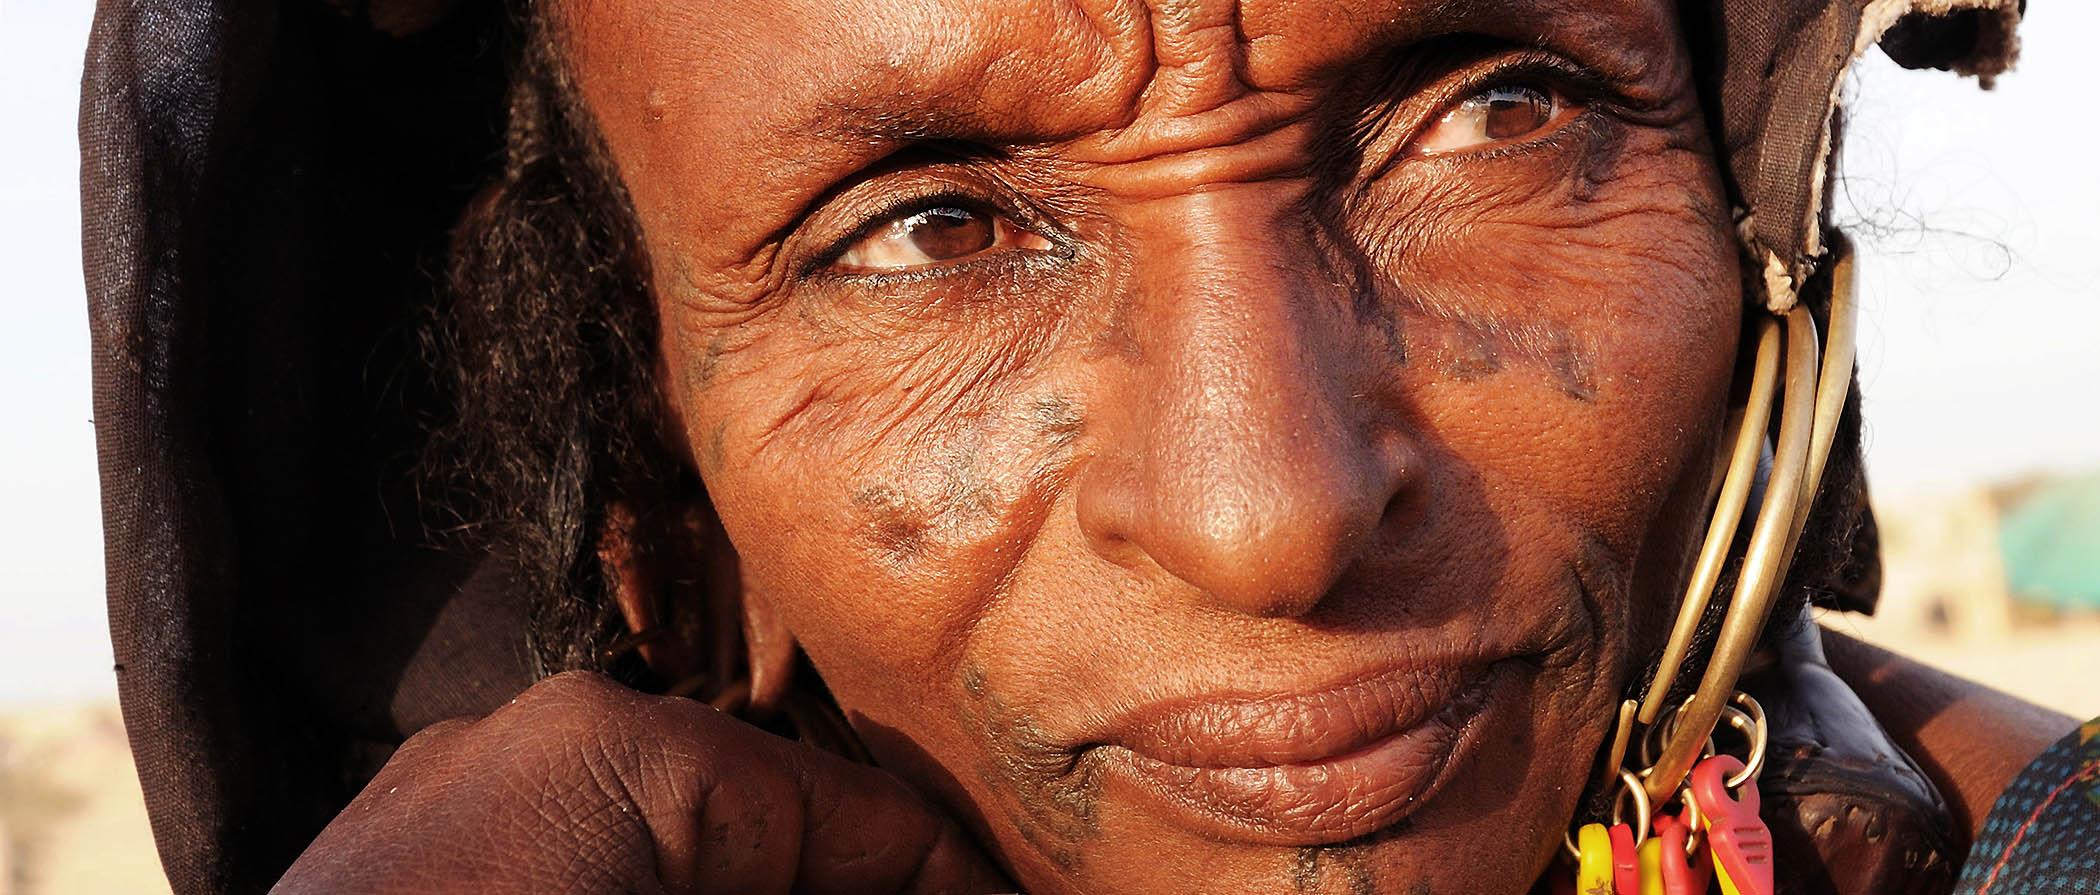 Portraits de Peulhs, nomades du sahel Peulhs portraits, sahel's nomad